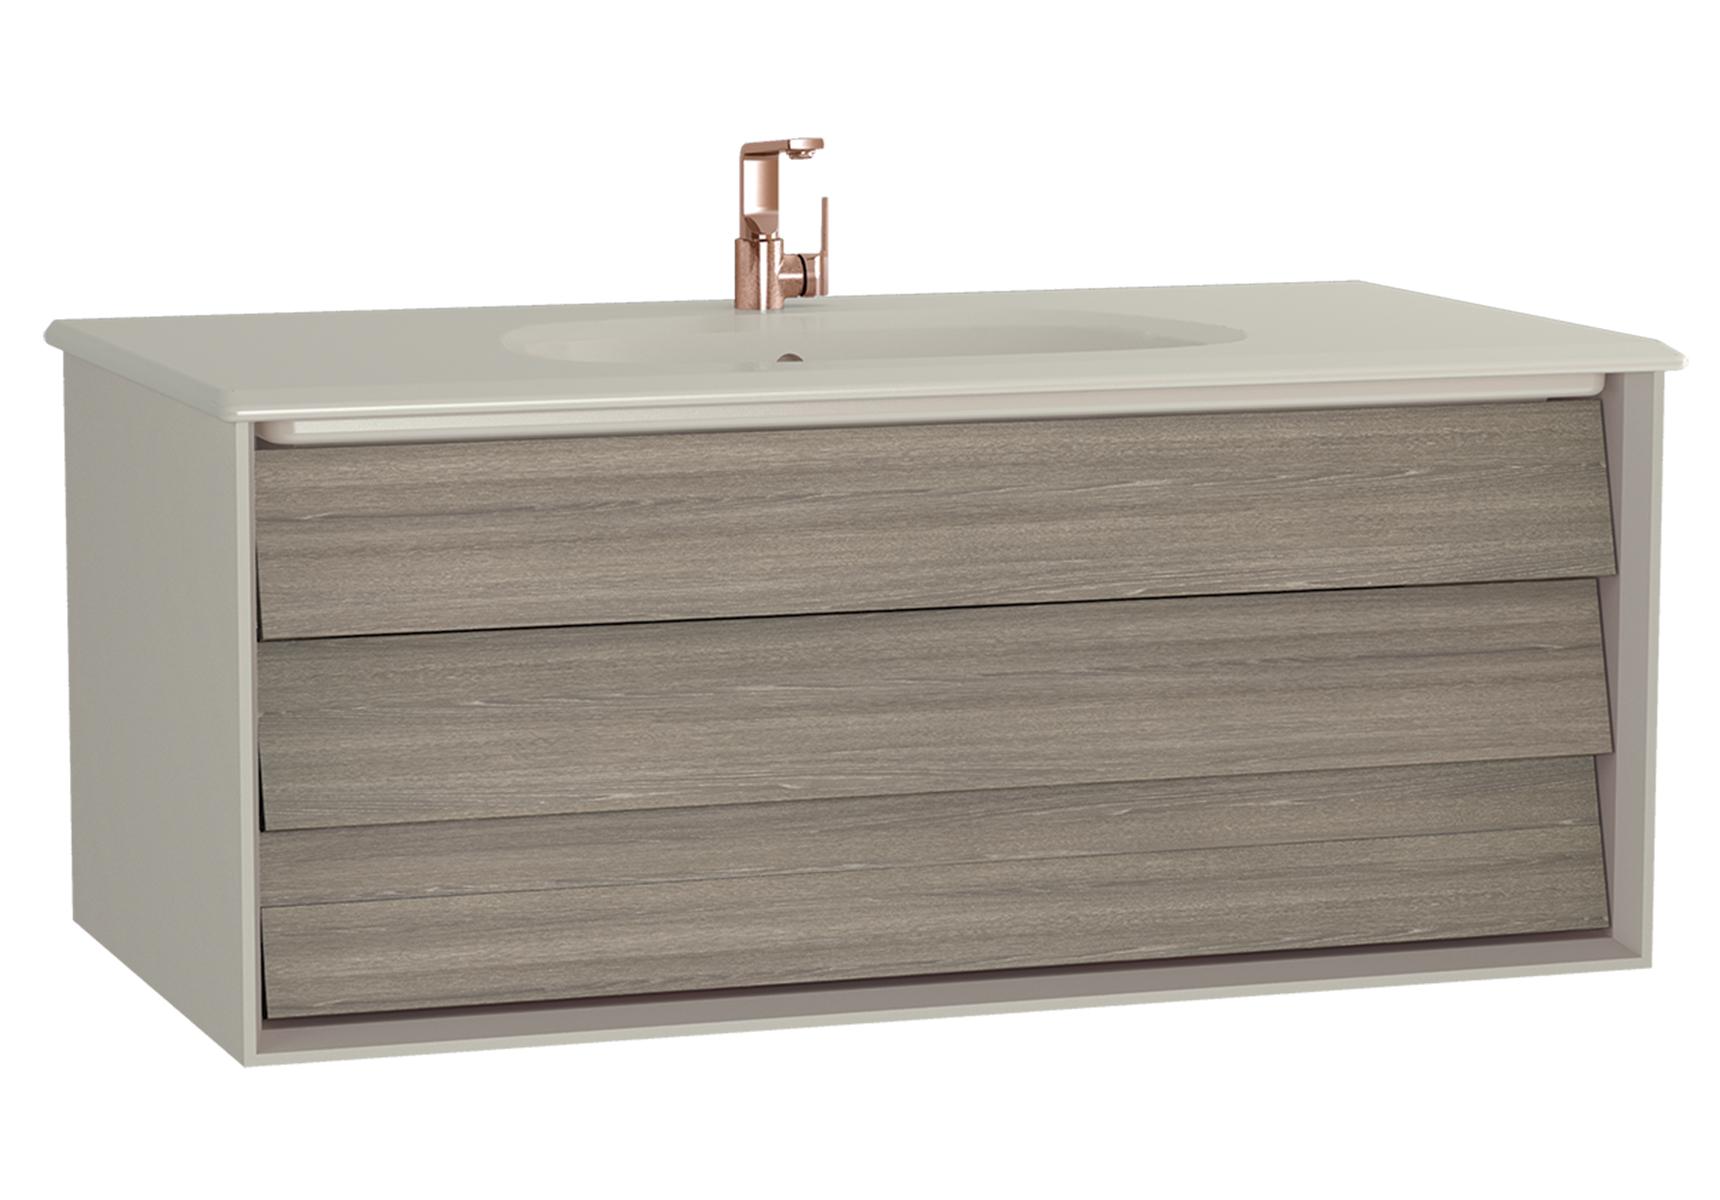 Frame meuble avec plan céramique, 102,5 cm, chêne moka, mat taupe, avec taupe plan céramique